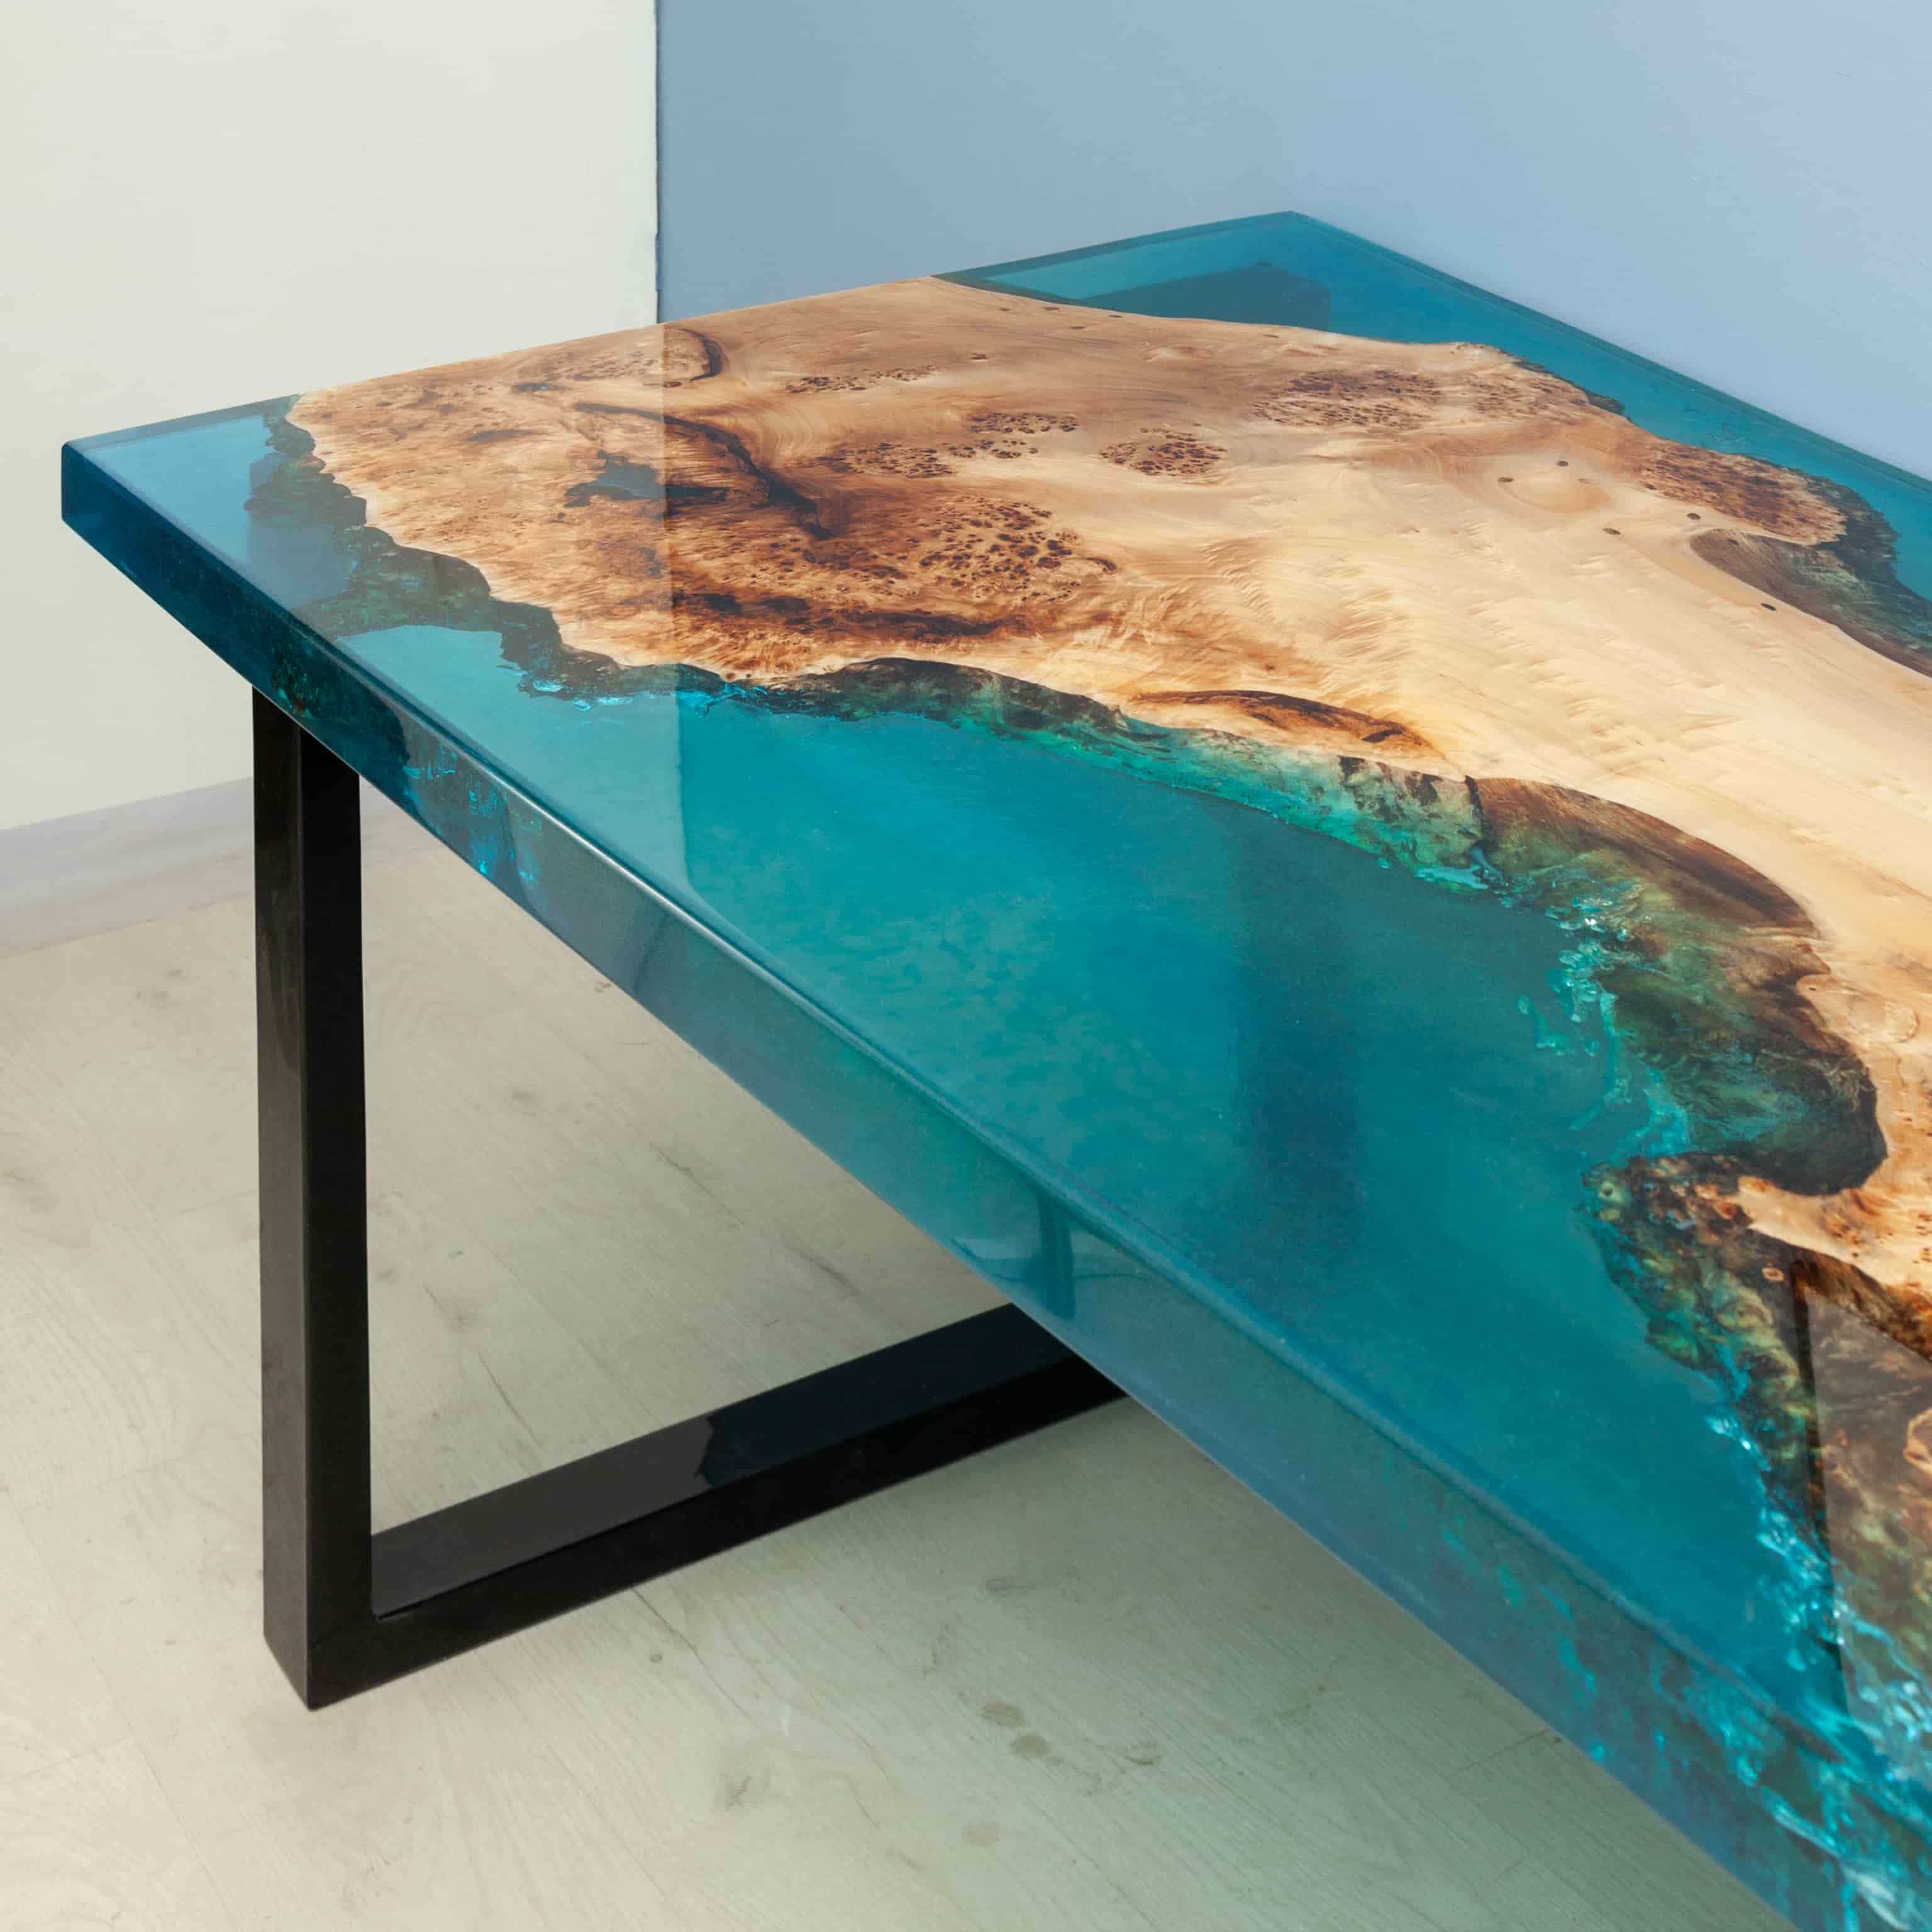 каждого дизайн стол эпоксидная смола фото снуд очень популярный